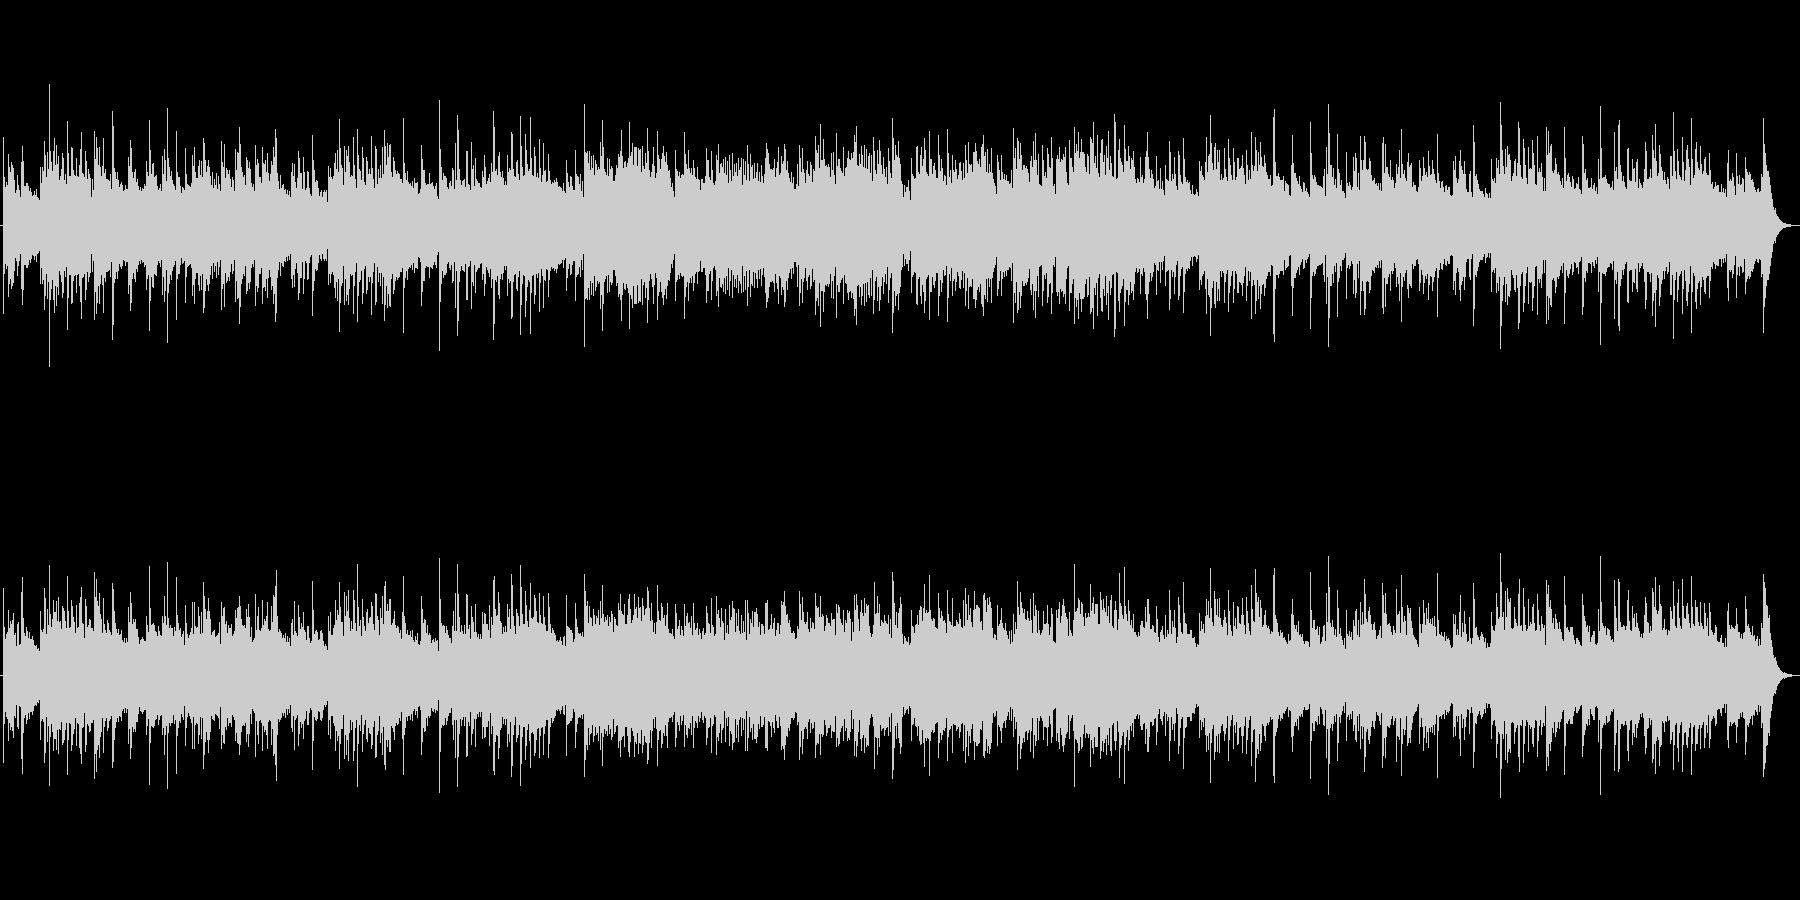 何かが始まる感動のオーケストラBGMの未再生の波形